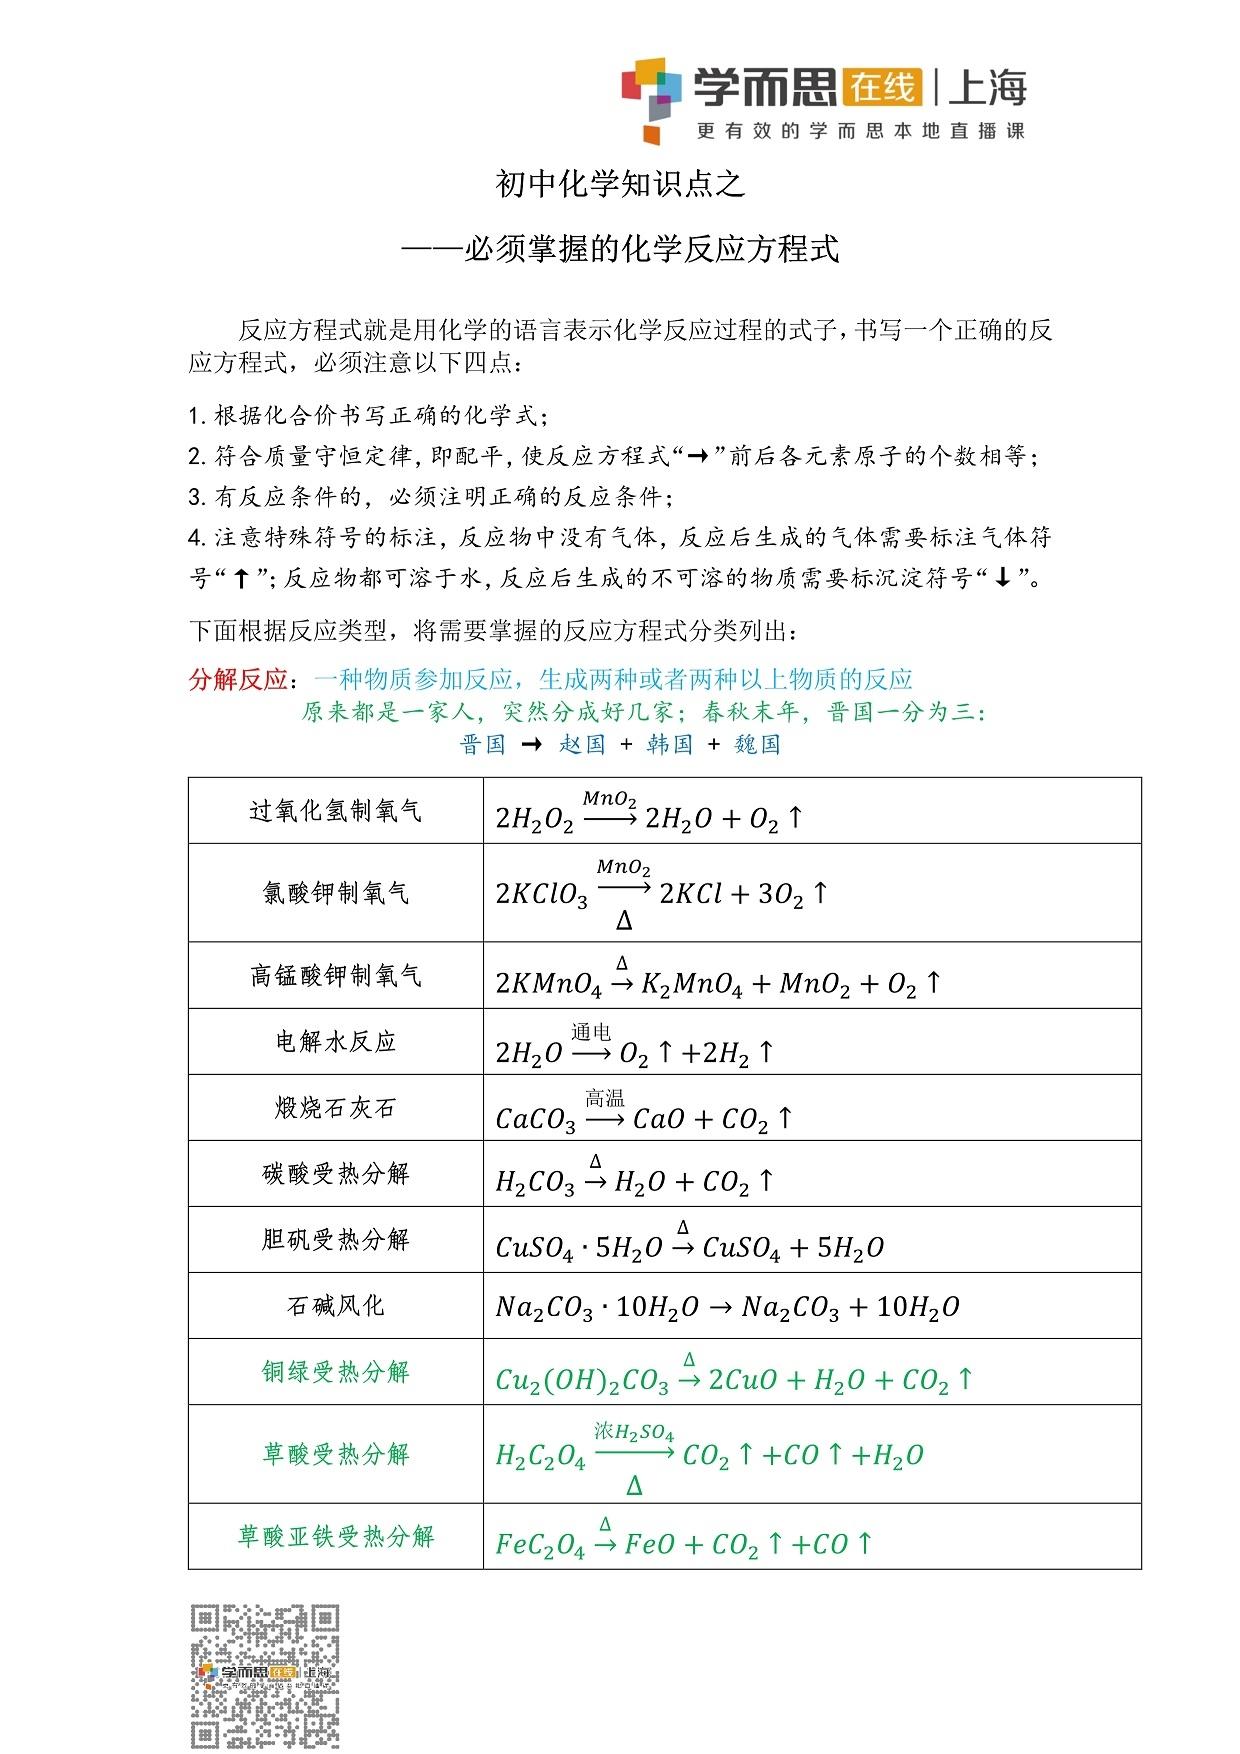 初中化学知识点——必须掌握的反应方程式_1.jpg